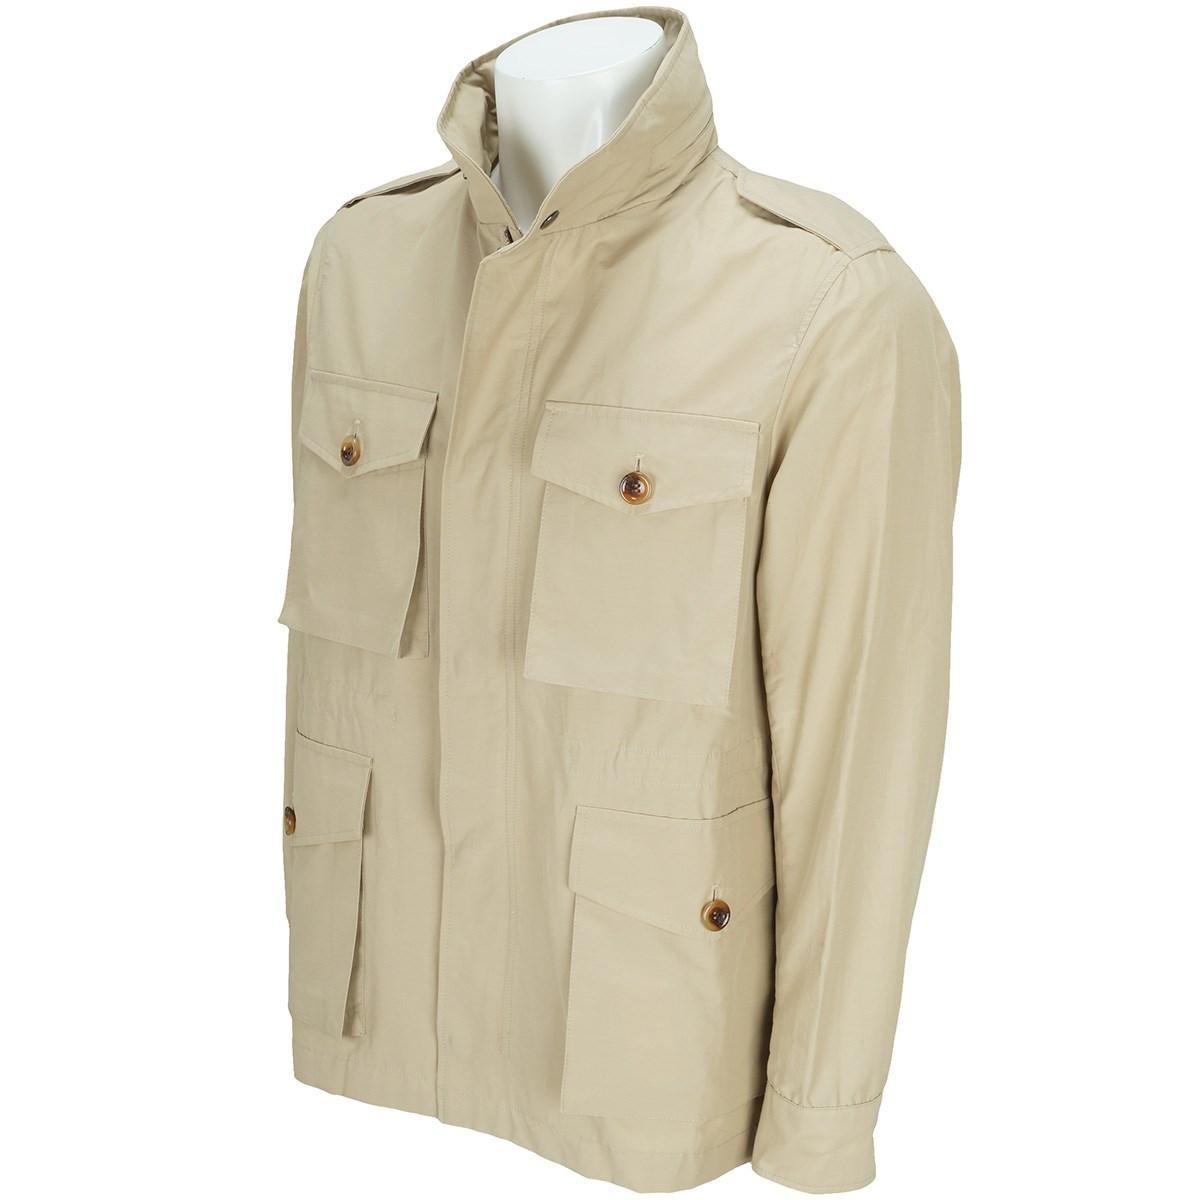 ビーヌーヴォ マイクロウェザーフィールドジャケット